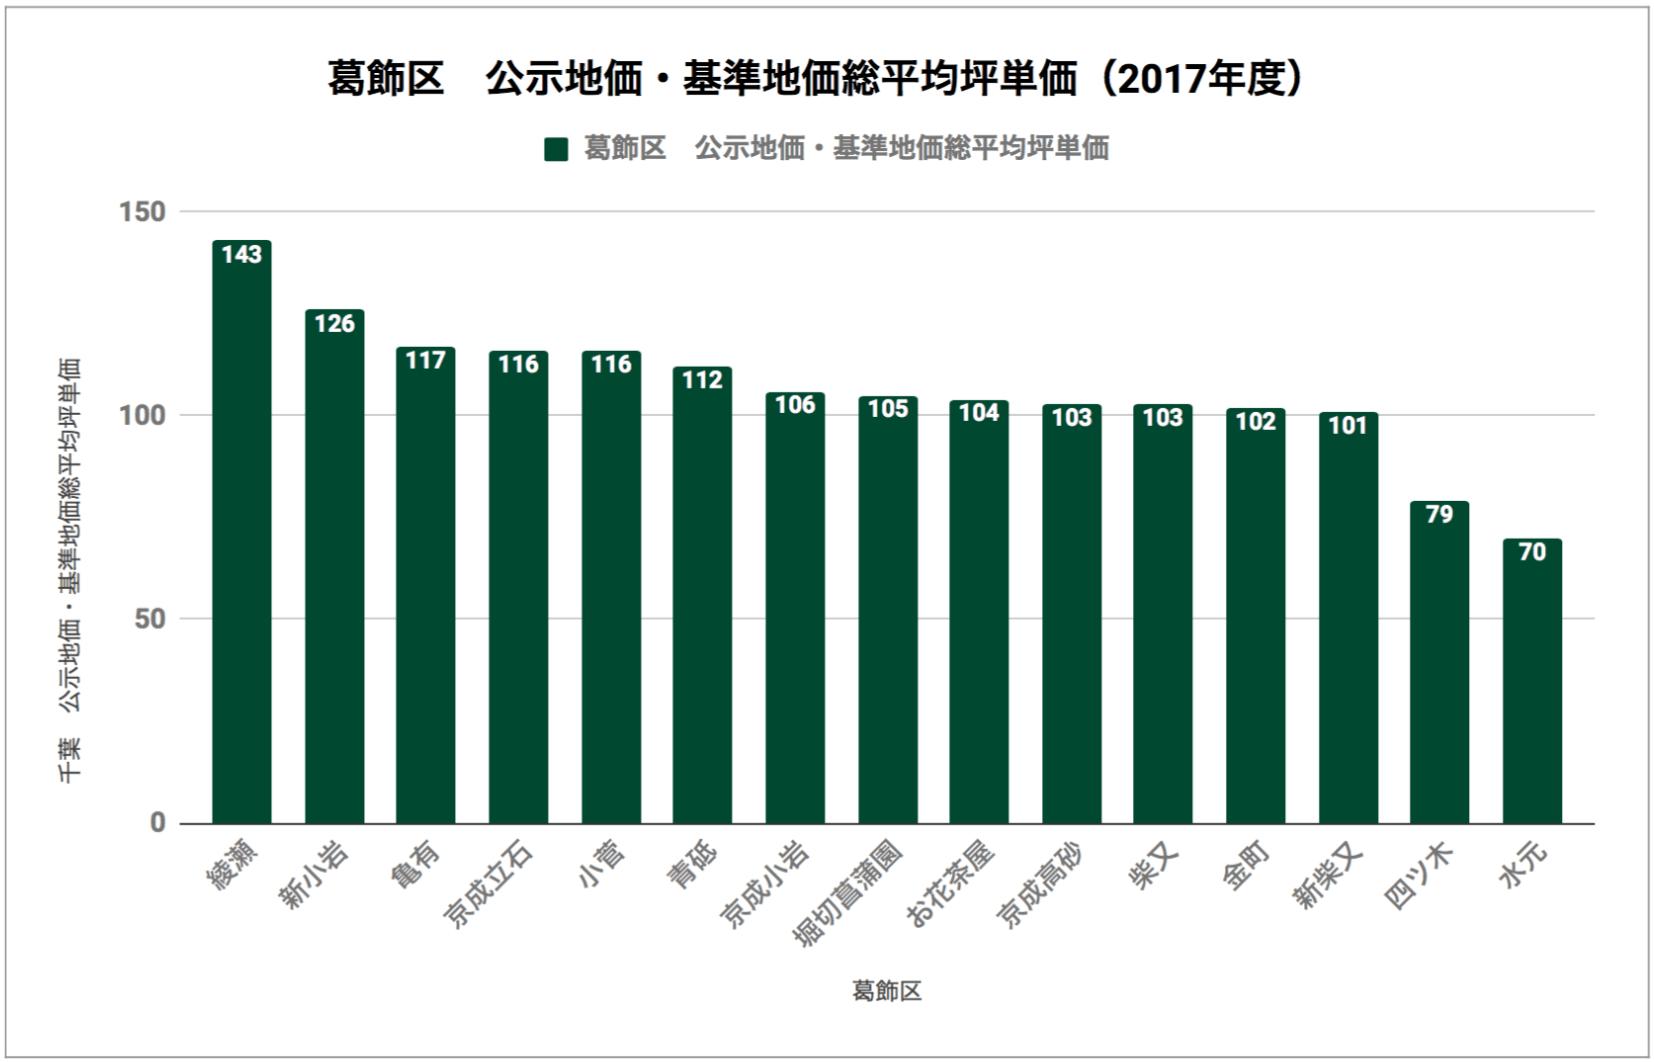 葛飾区「公示地価・基準地価総平均坪単価(2017年度)」